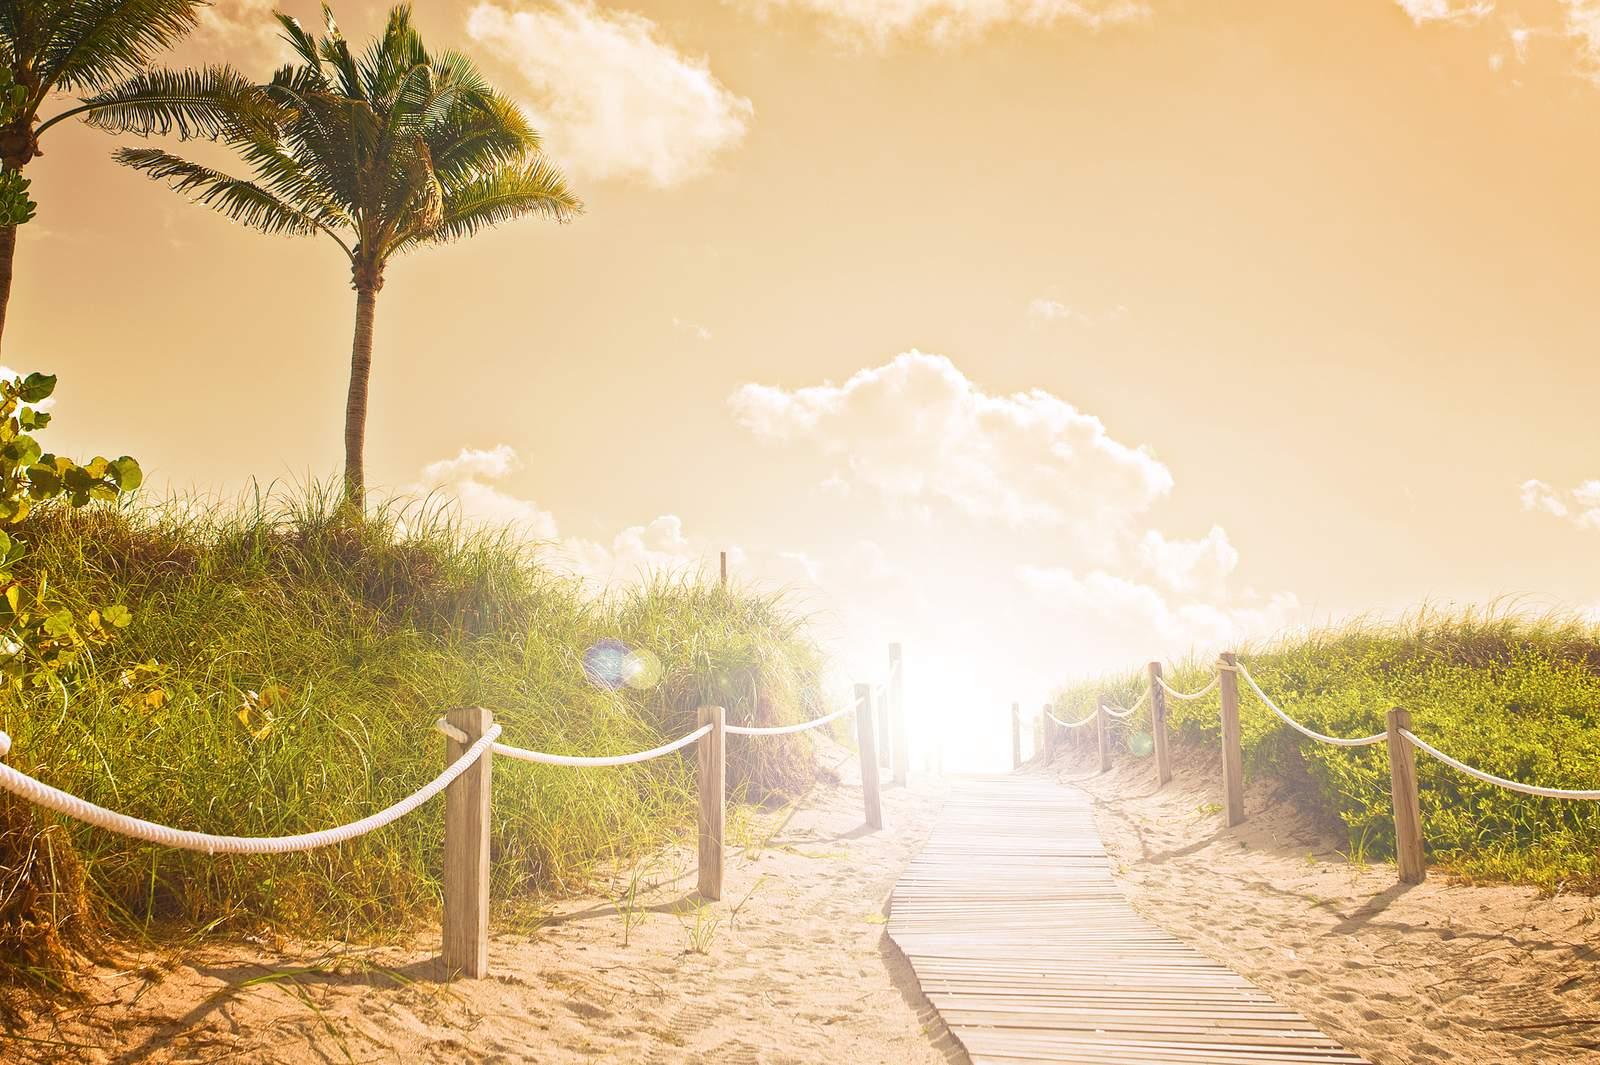 Weg zum Strand im Abendlicht, Miami Beach, Florida